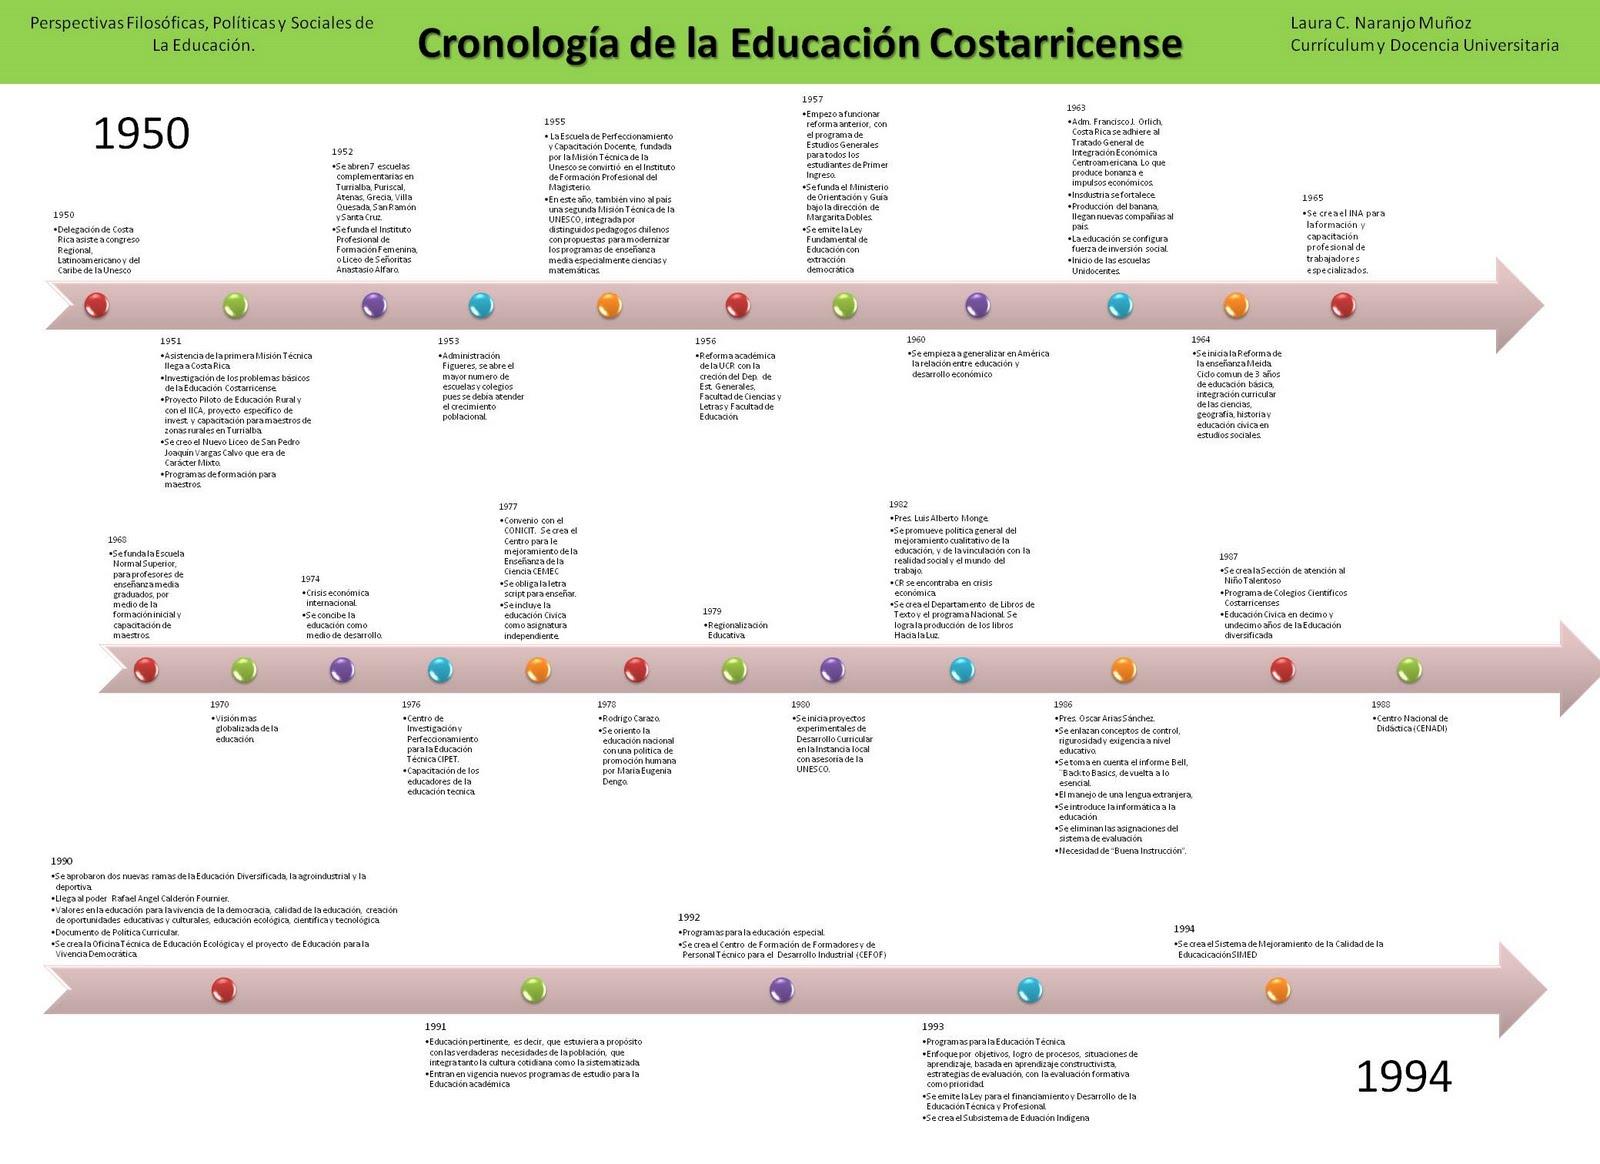 He construido de esta forma un mapeo hist rico de las ideas de donde deviene nuestro presente educativo que se presenta a continuaci n